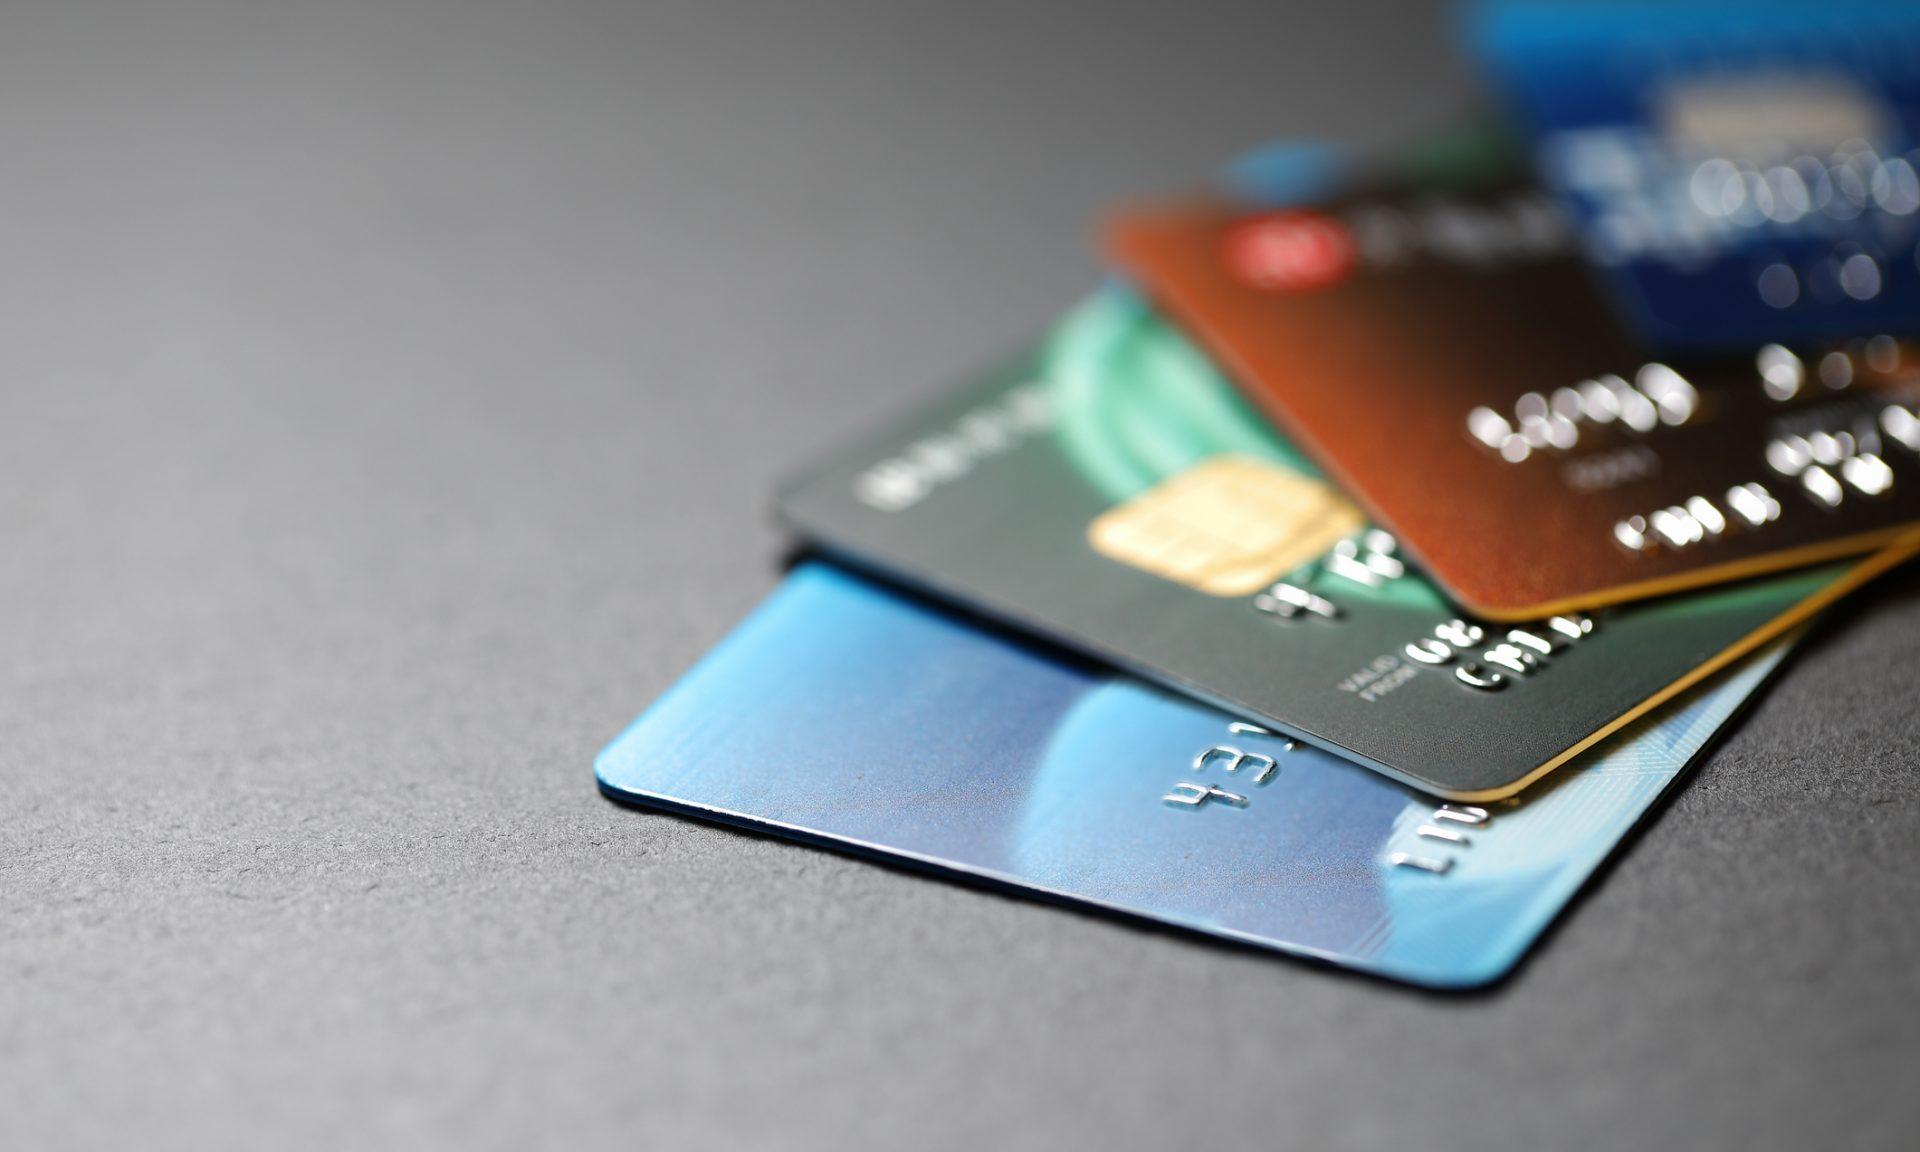 Bekijk dit opgenomen webinar over creditcardstrategie tijdens COVID-19 – en zoek een promotiecode voor Grubhub